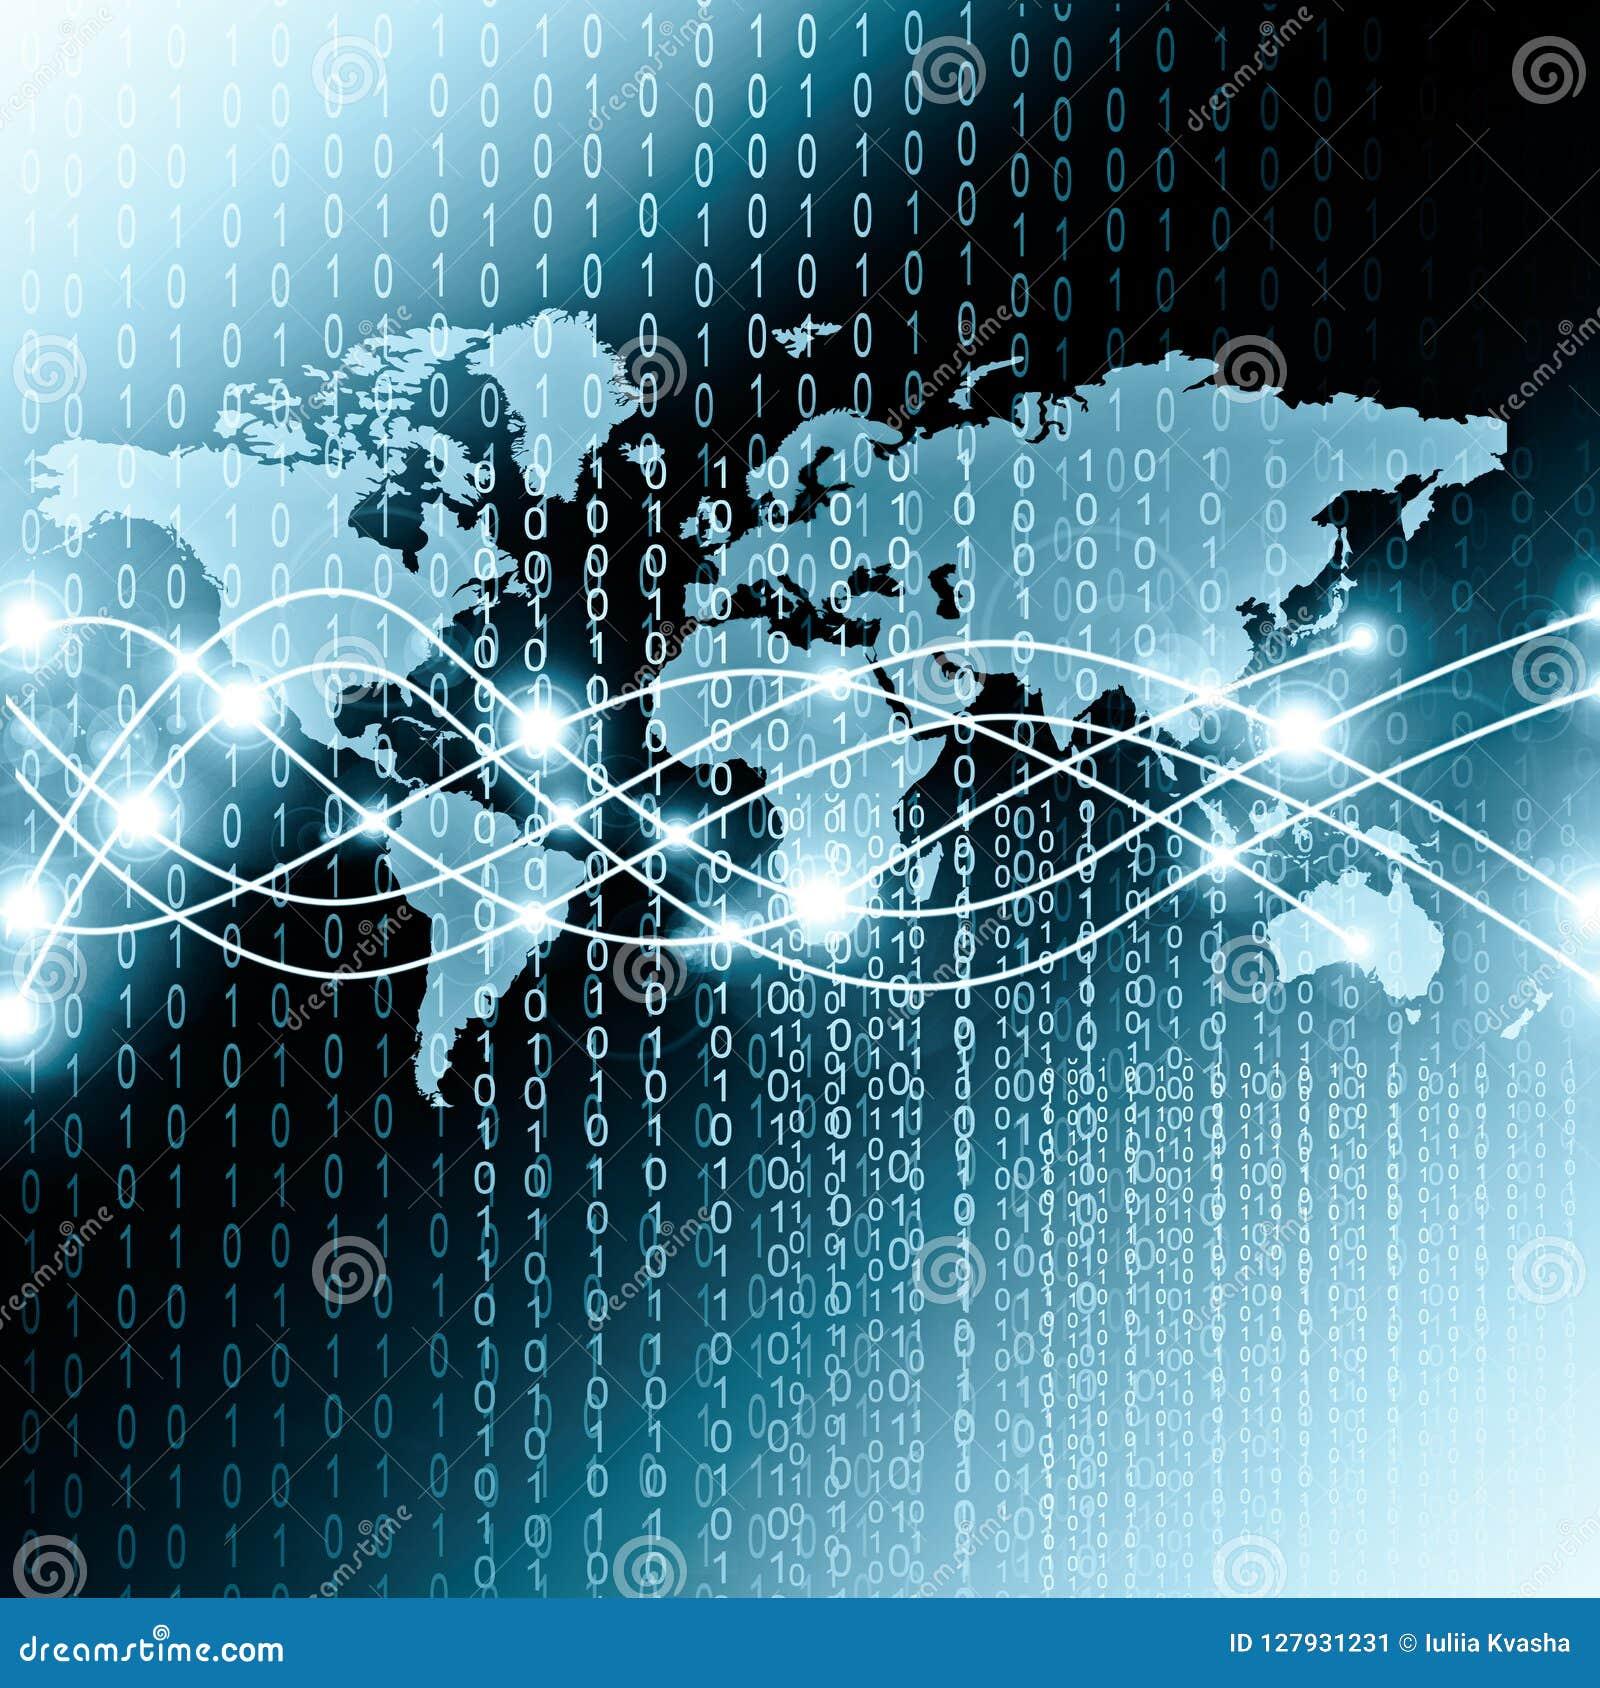 Världskartan på en teknologisk bakgrund som glöder fodrar symboler av internet, radion, televisionen, mobilen och satelliten